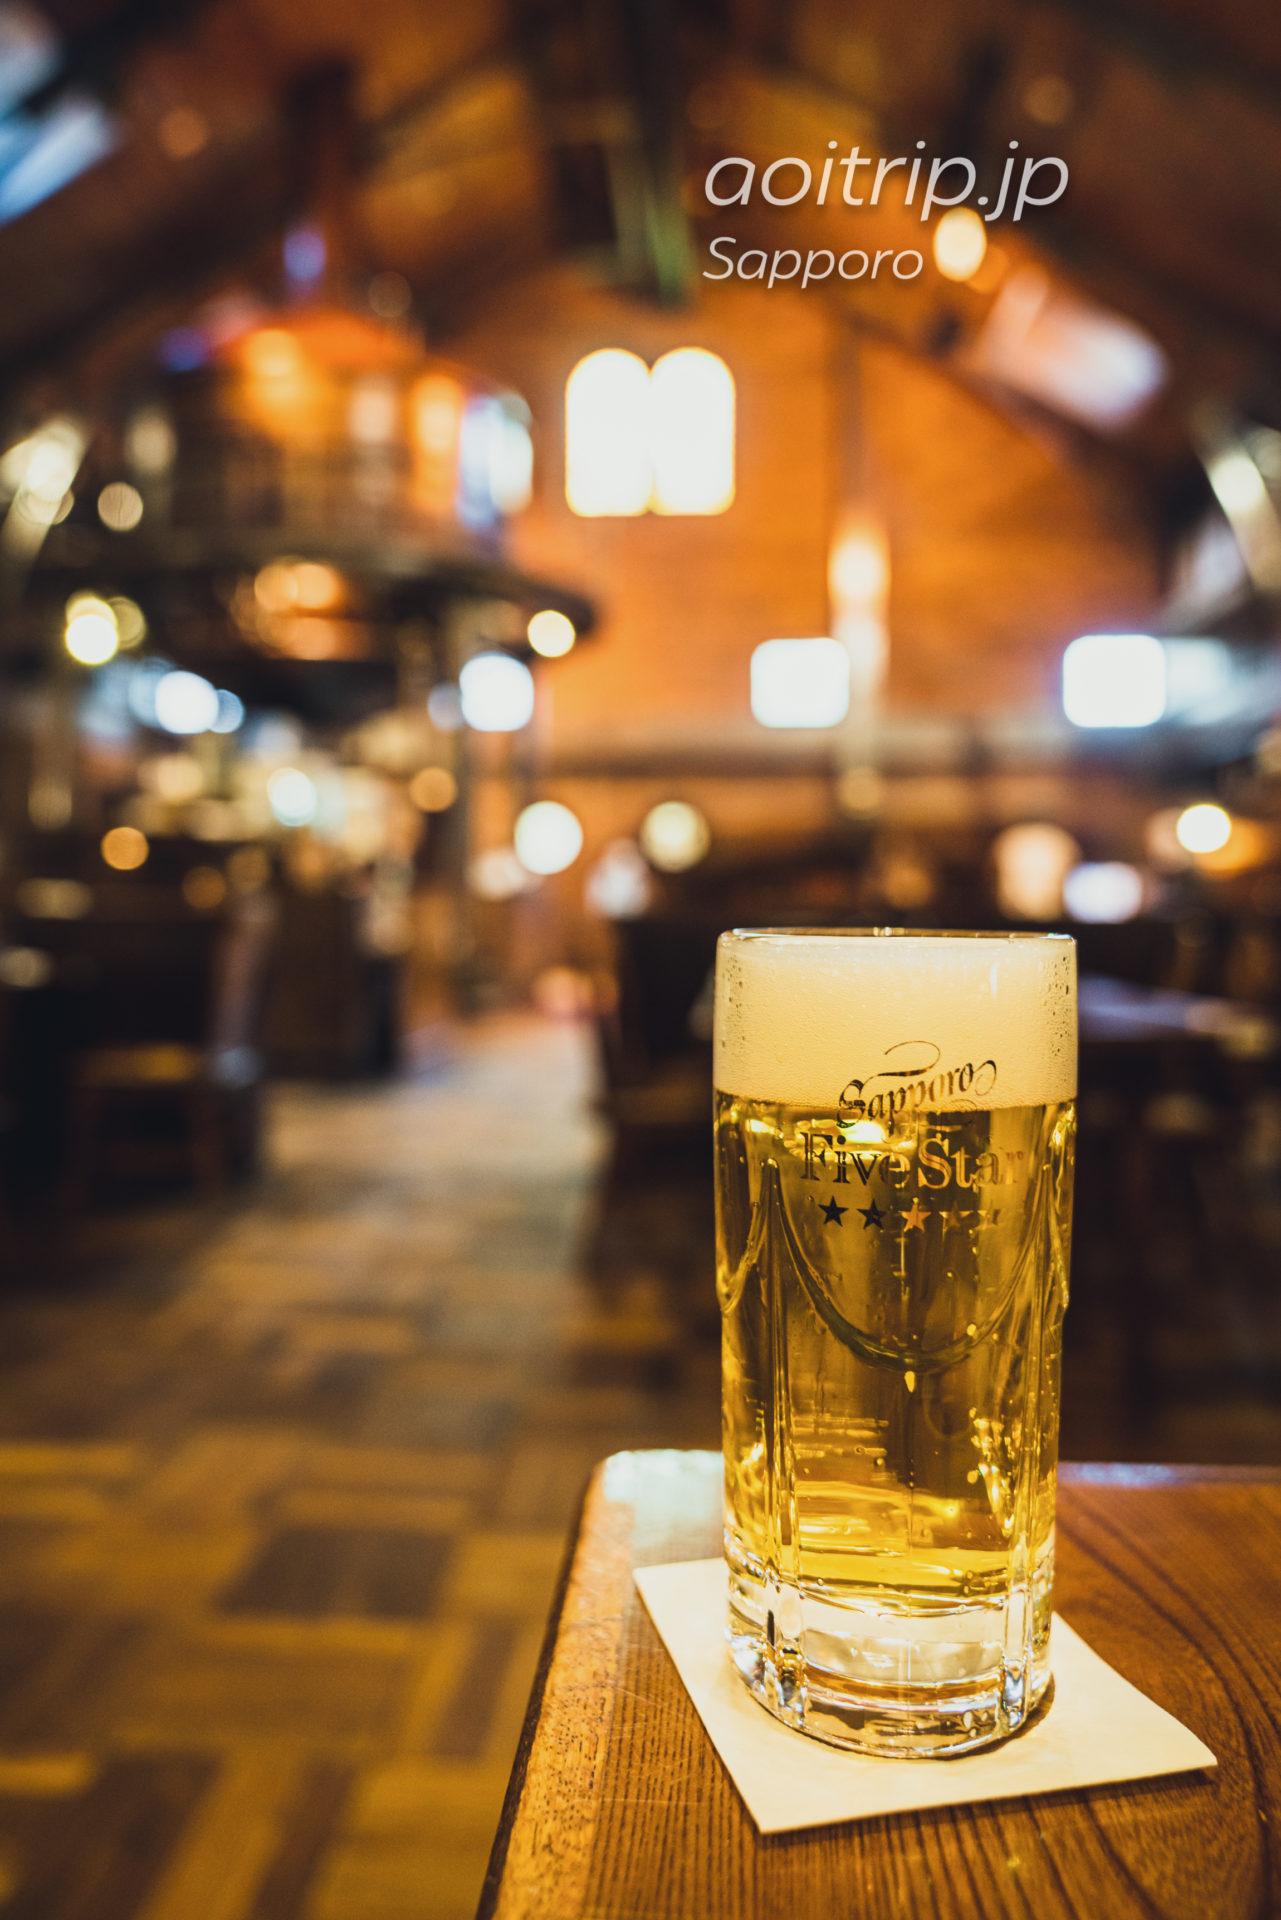 サッポロビール園のサッポロファイブスター